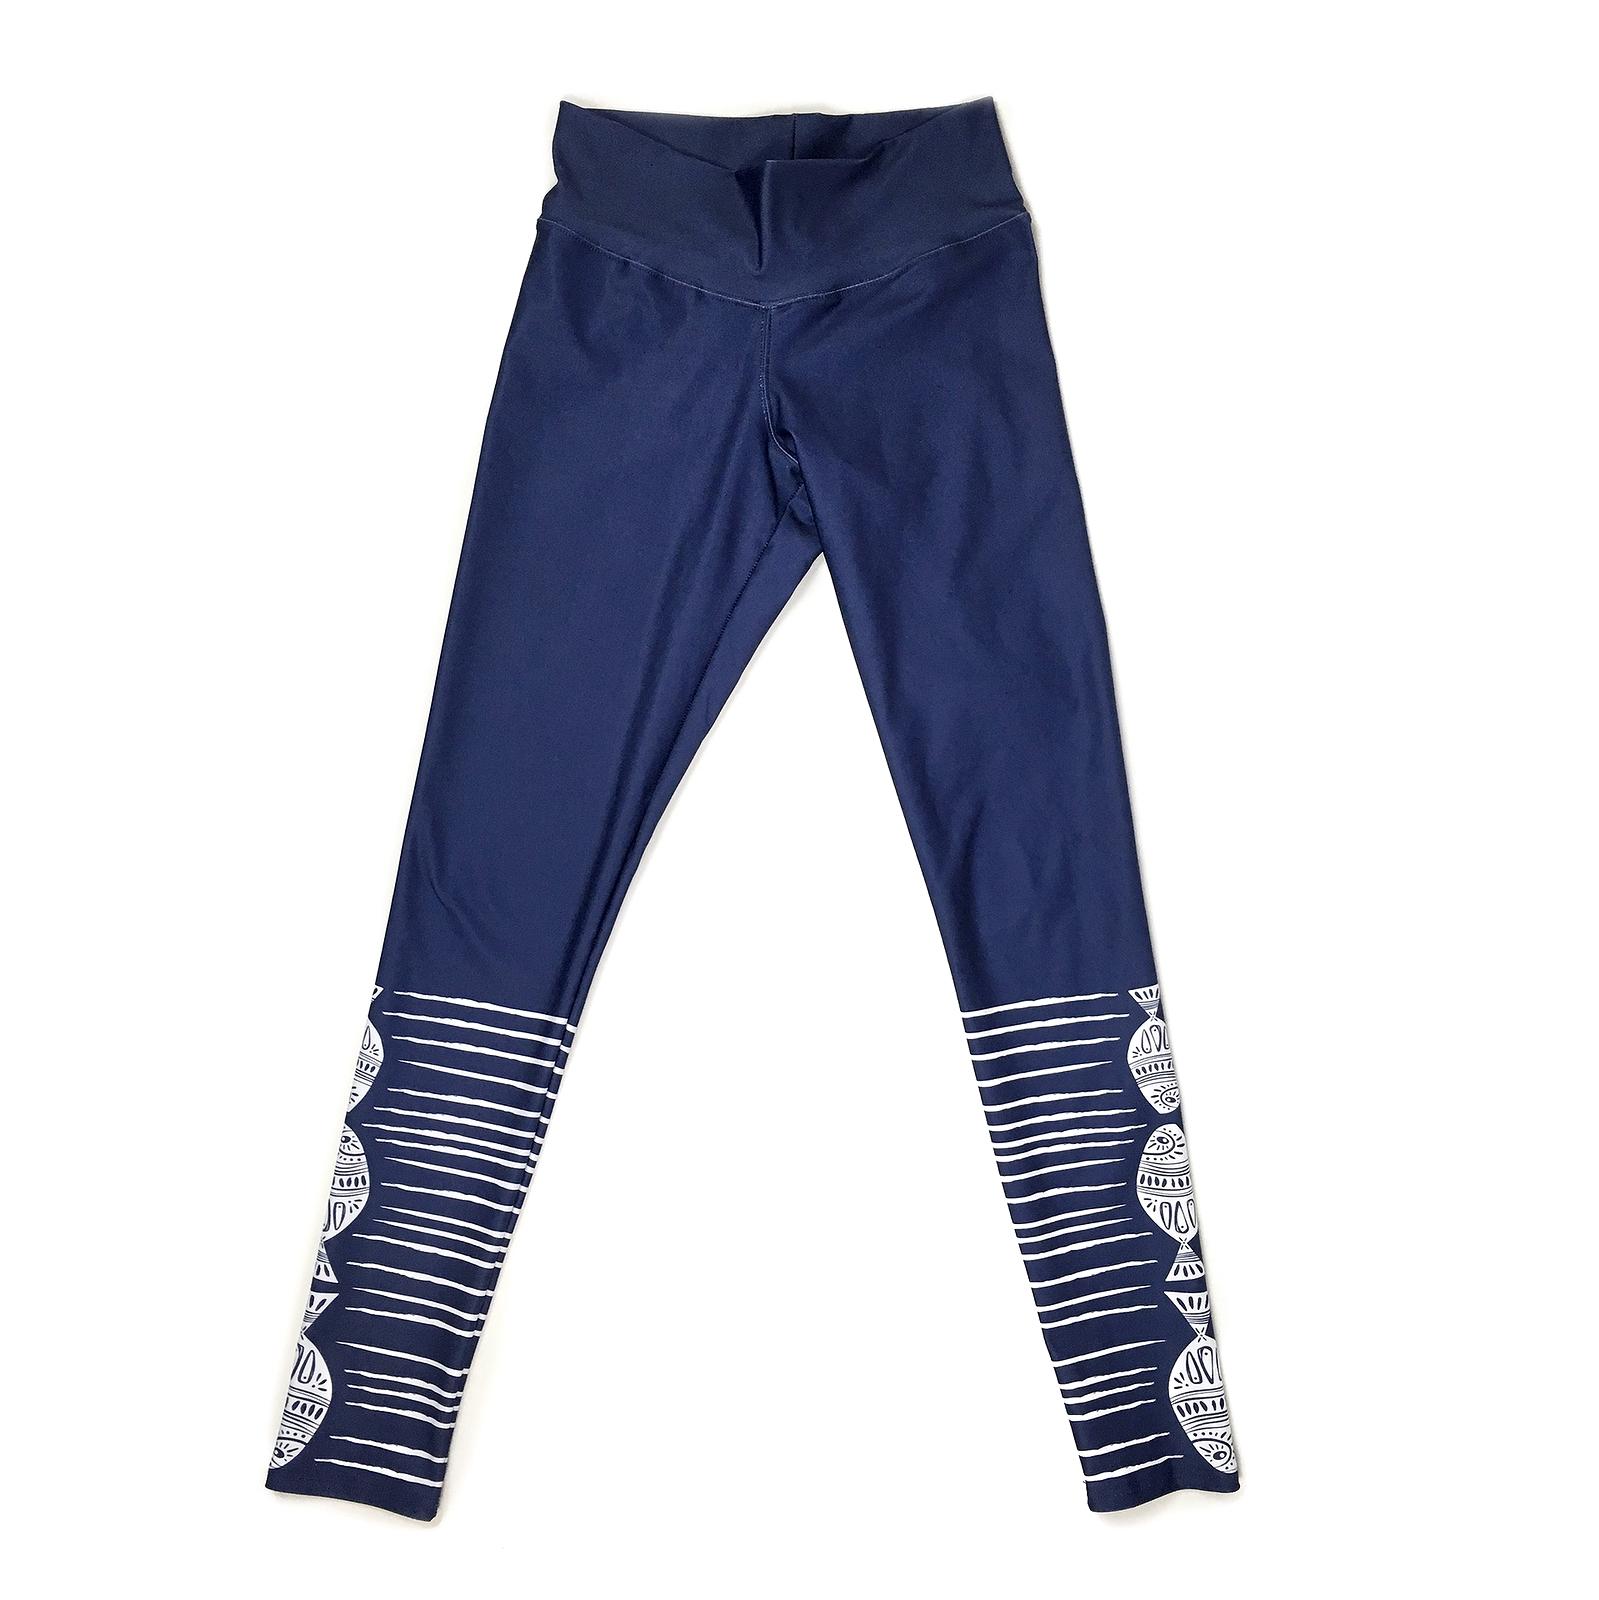 marques reconnues choisir le plus récent grande remise Legging en polyester-lycra bleu, avec dessin de poisson blanc